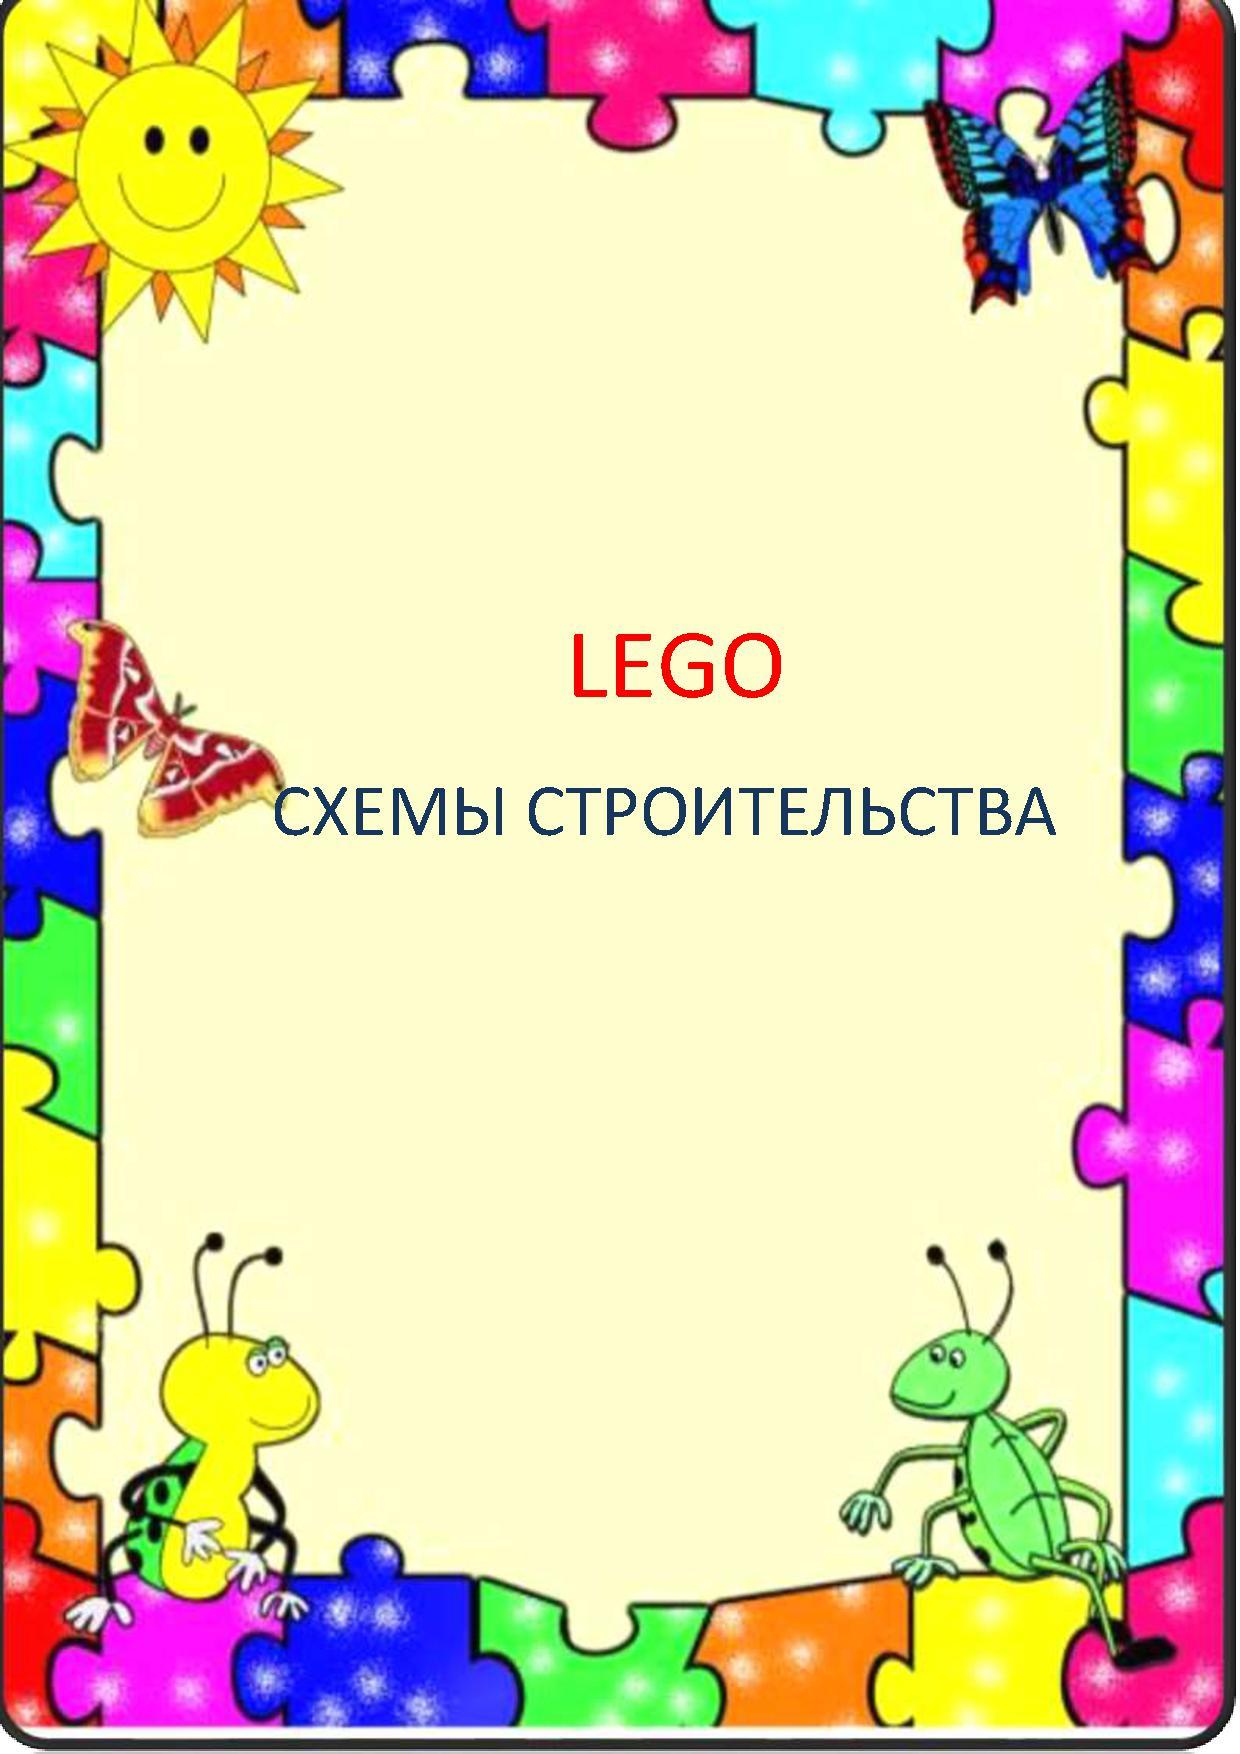 Схемы строительства из конструктора ЛЕГО